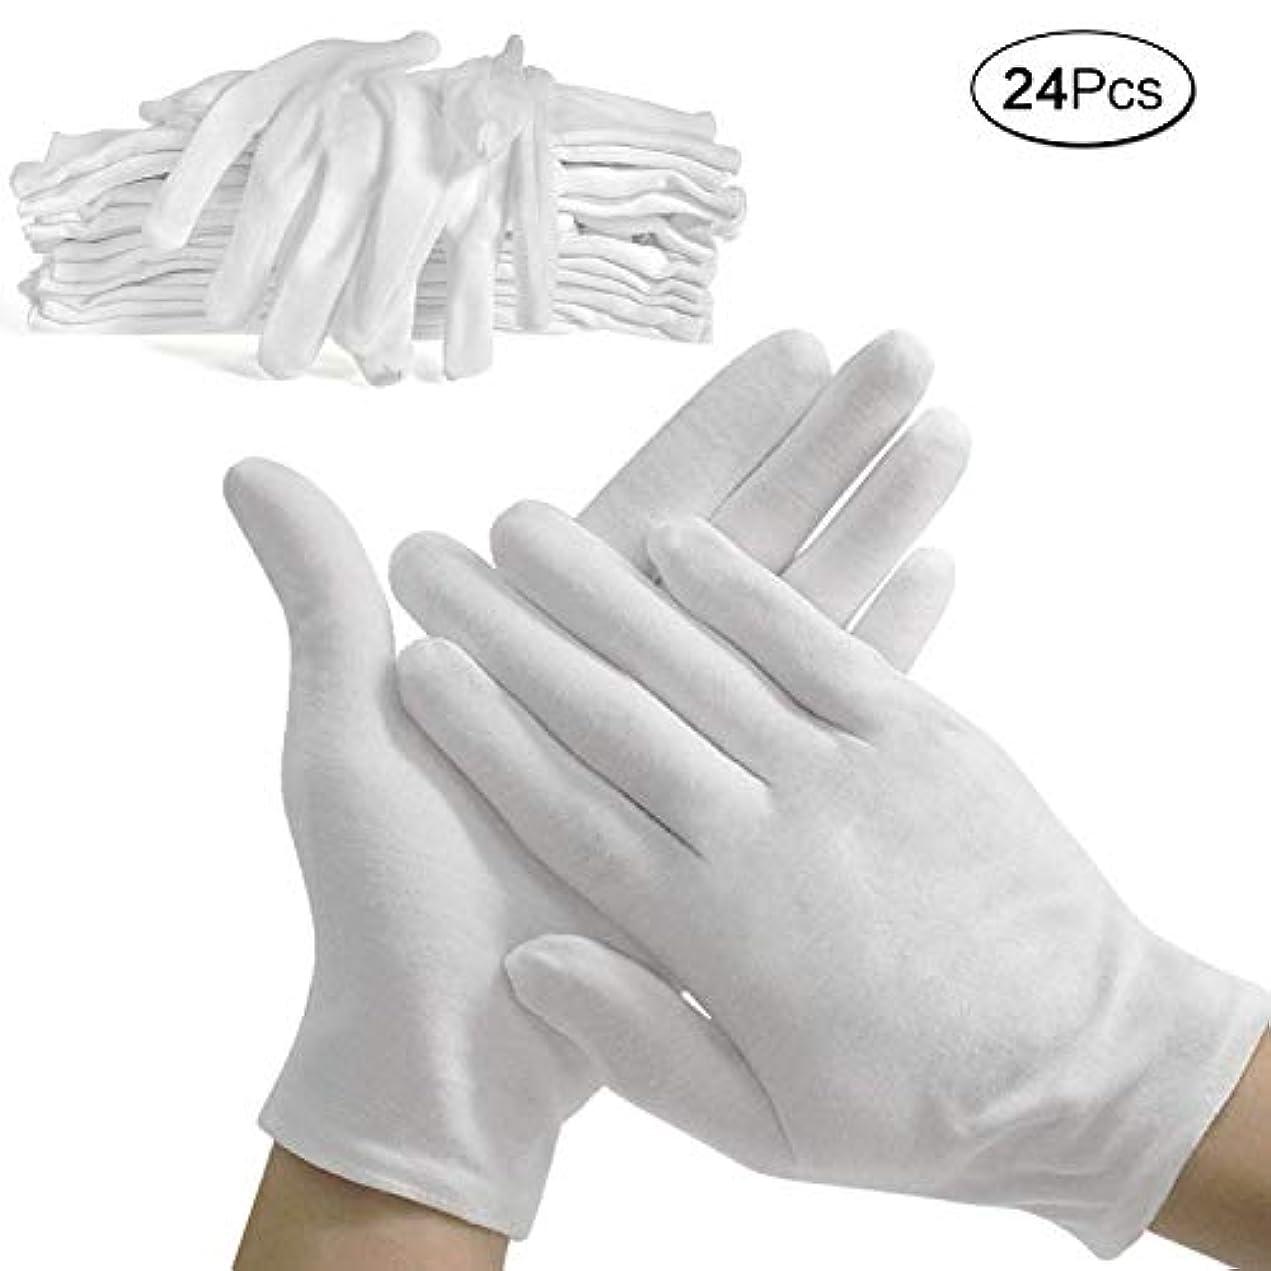 同一のピークフラグラント使い捨て手袋 綿手袋 コットン手袋 純綿100% 薄手 白手袋 メンズ レディース 手荒れ防止 おやすみ 湿疹用 乾燥肌用 保湿用 礼装用 作業用 24PCS(白, L)